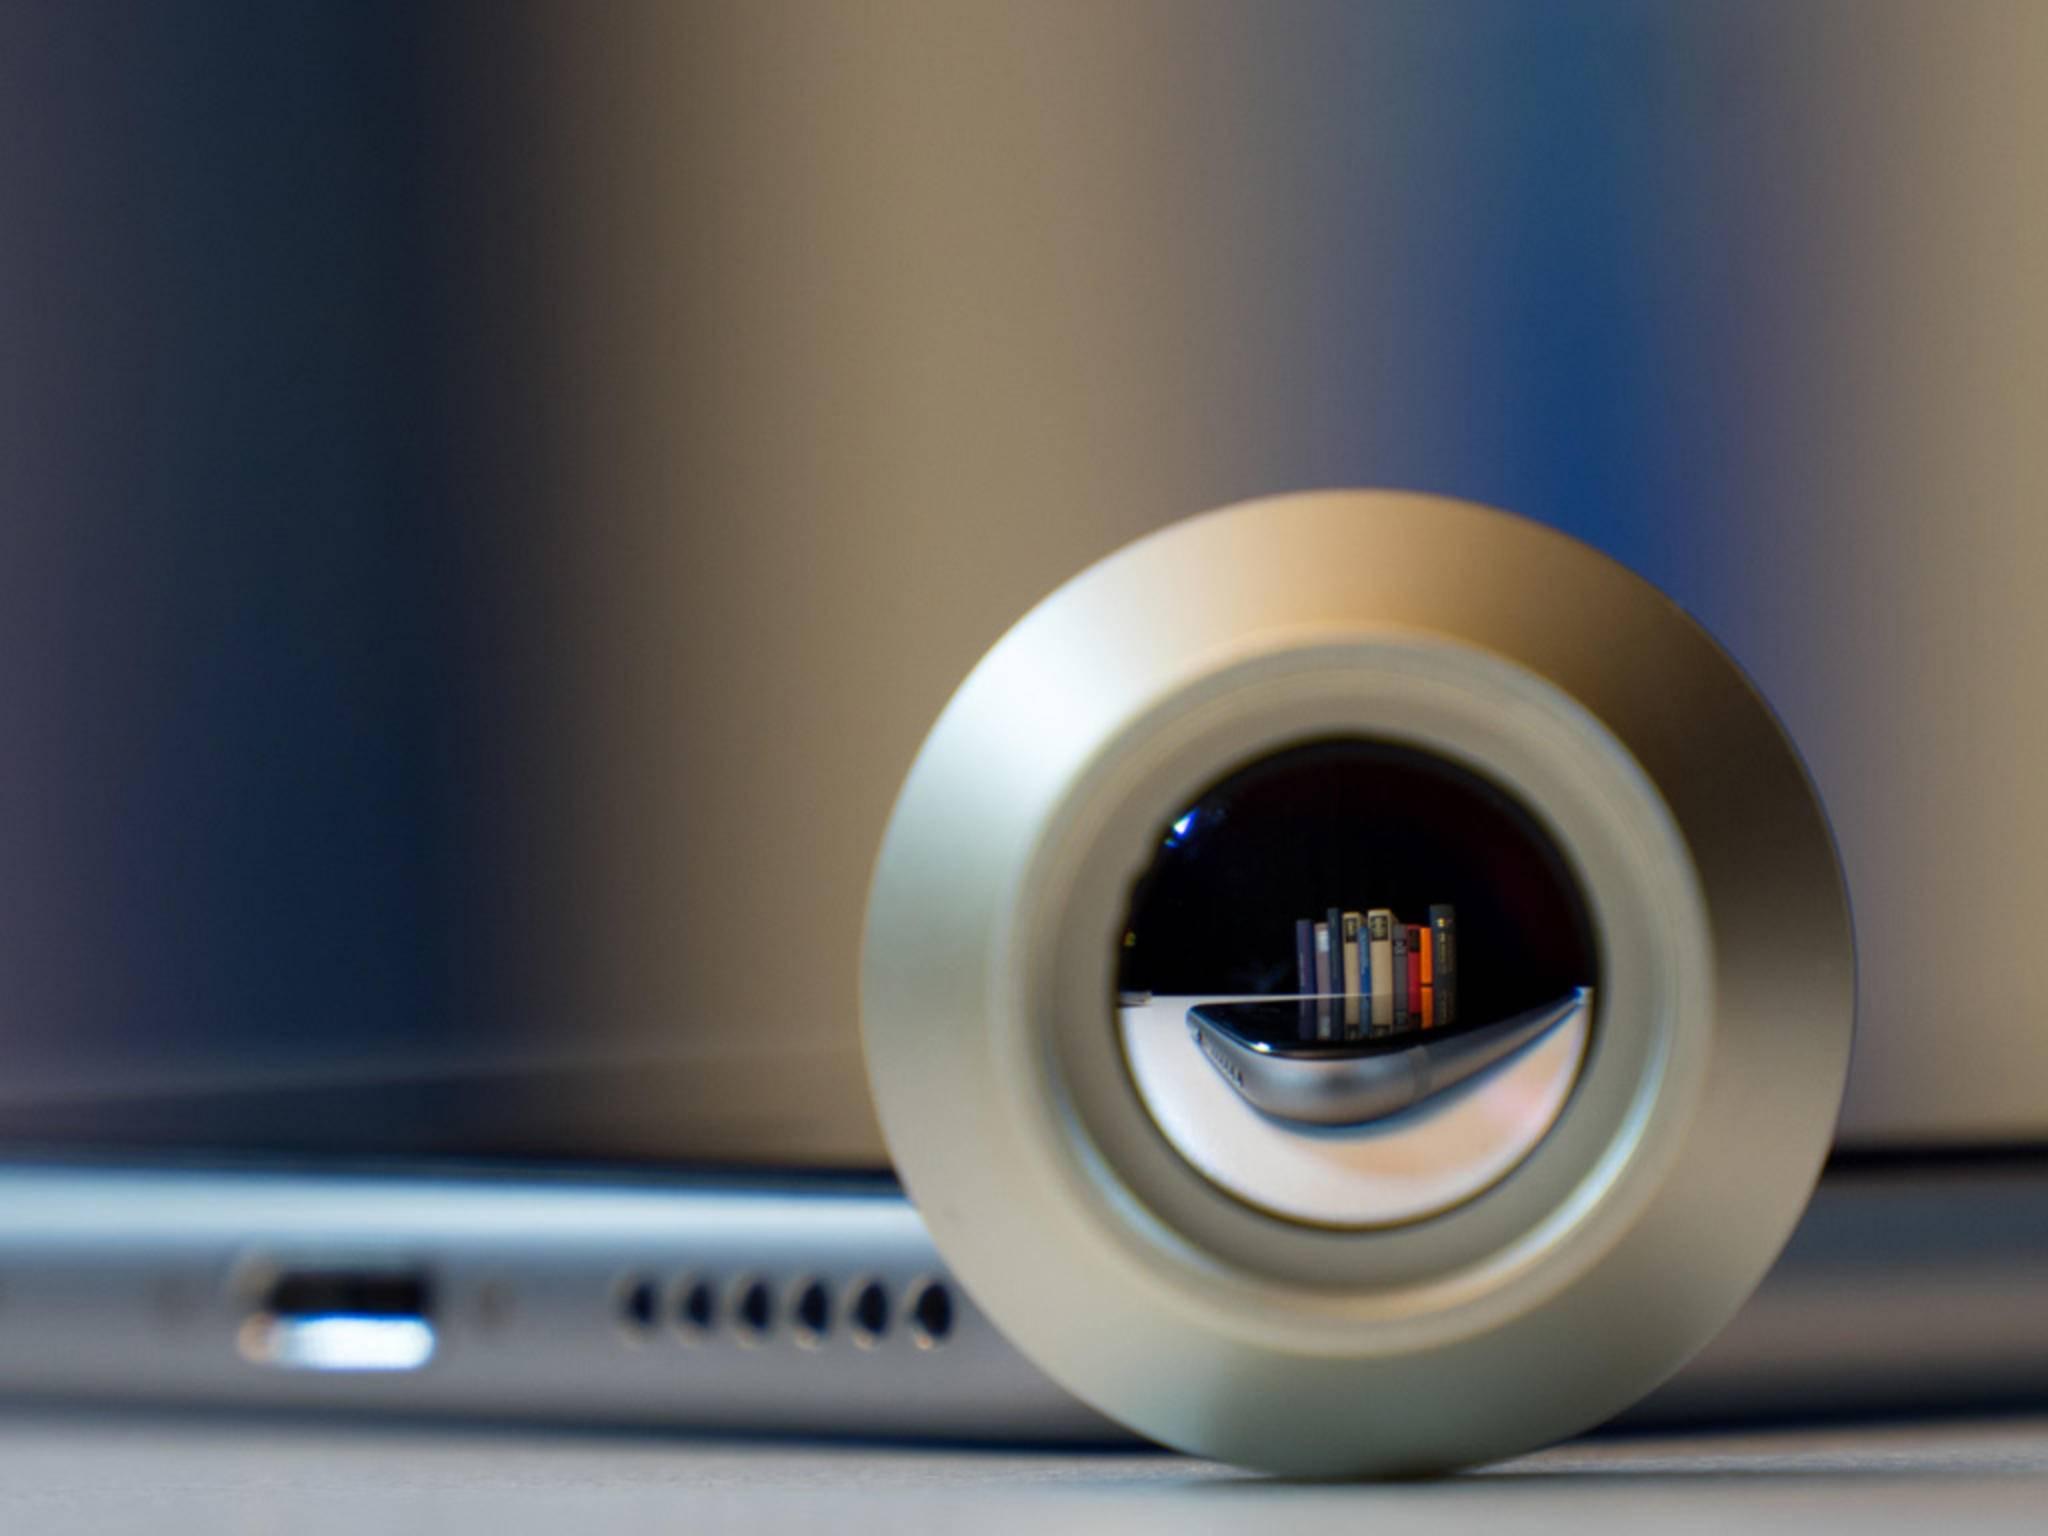 Wir präsentieren acht praktische Gadgets fürs iPhone.